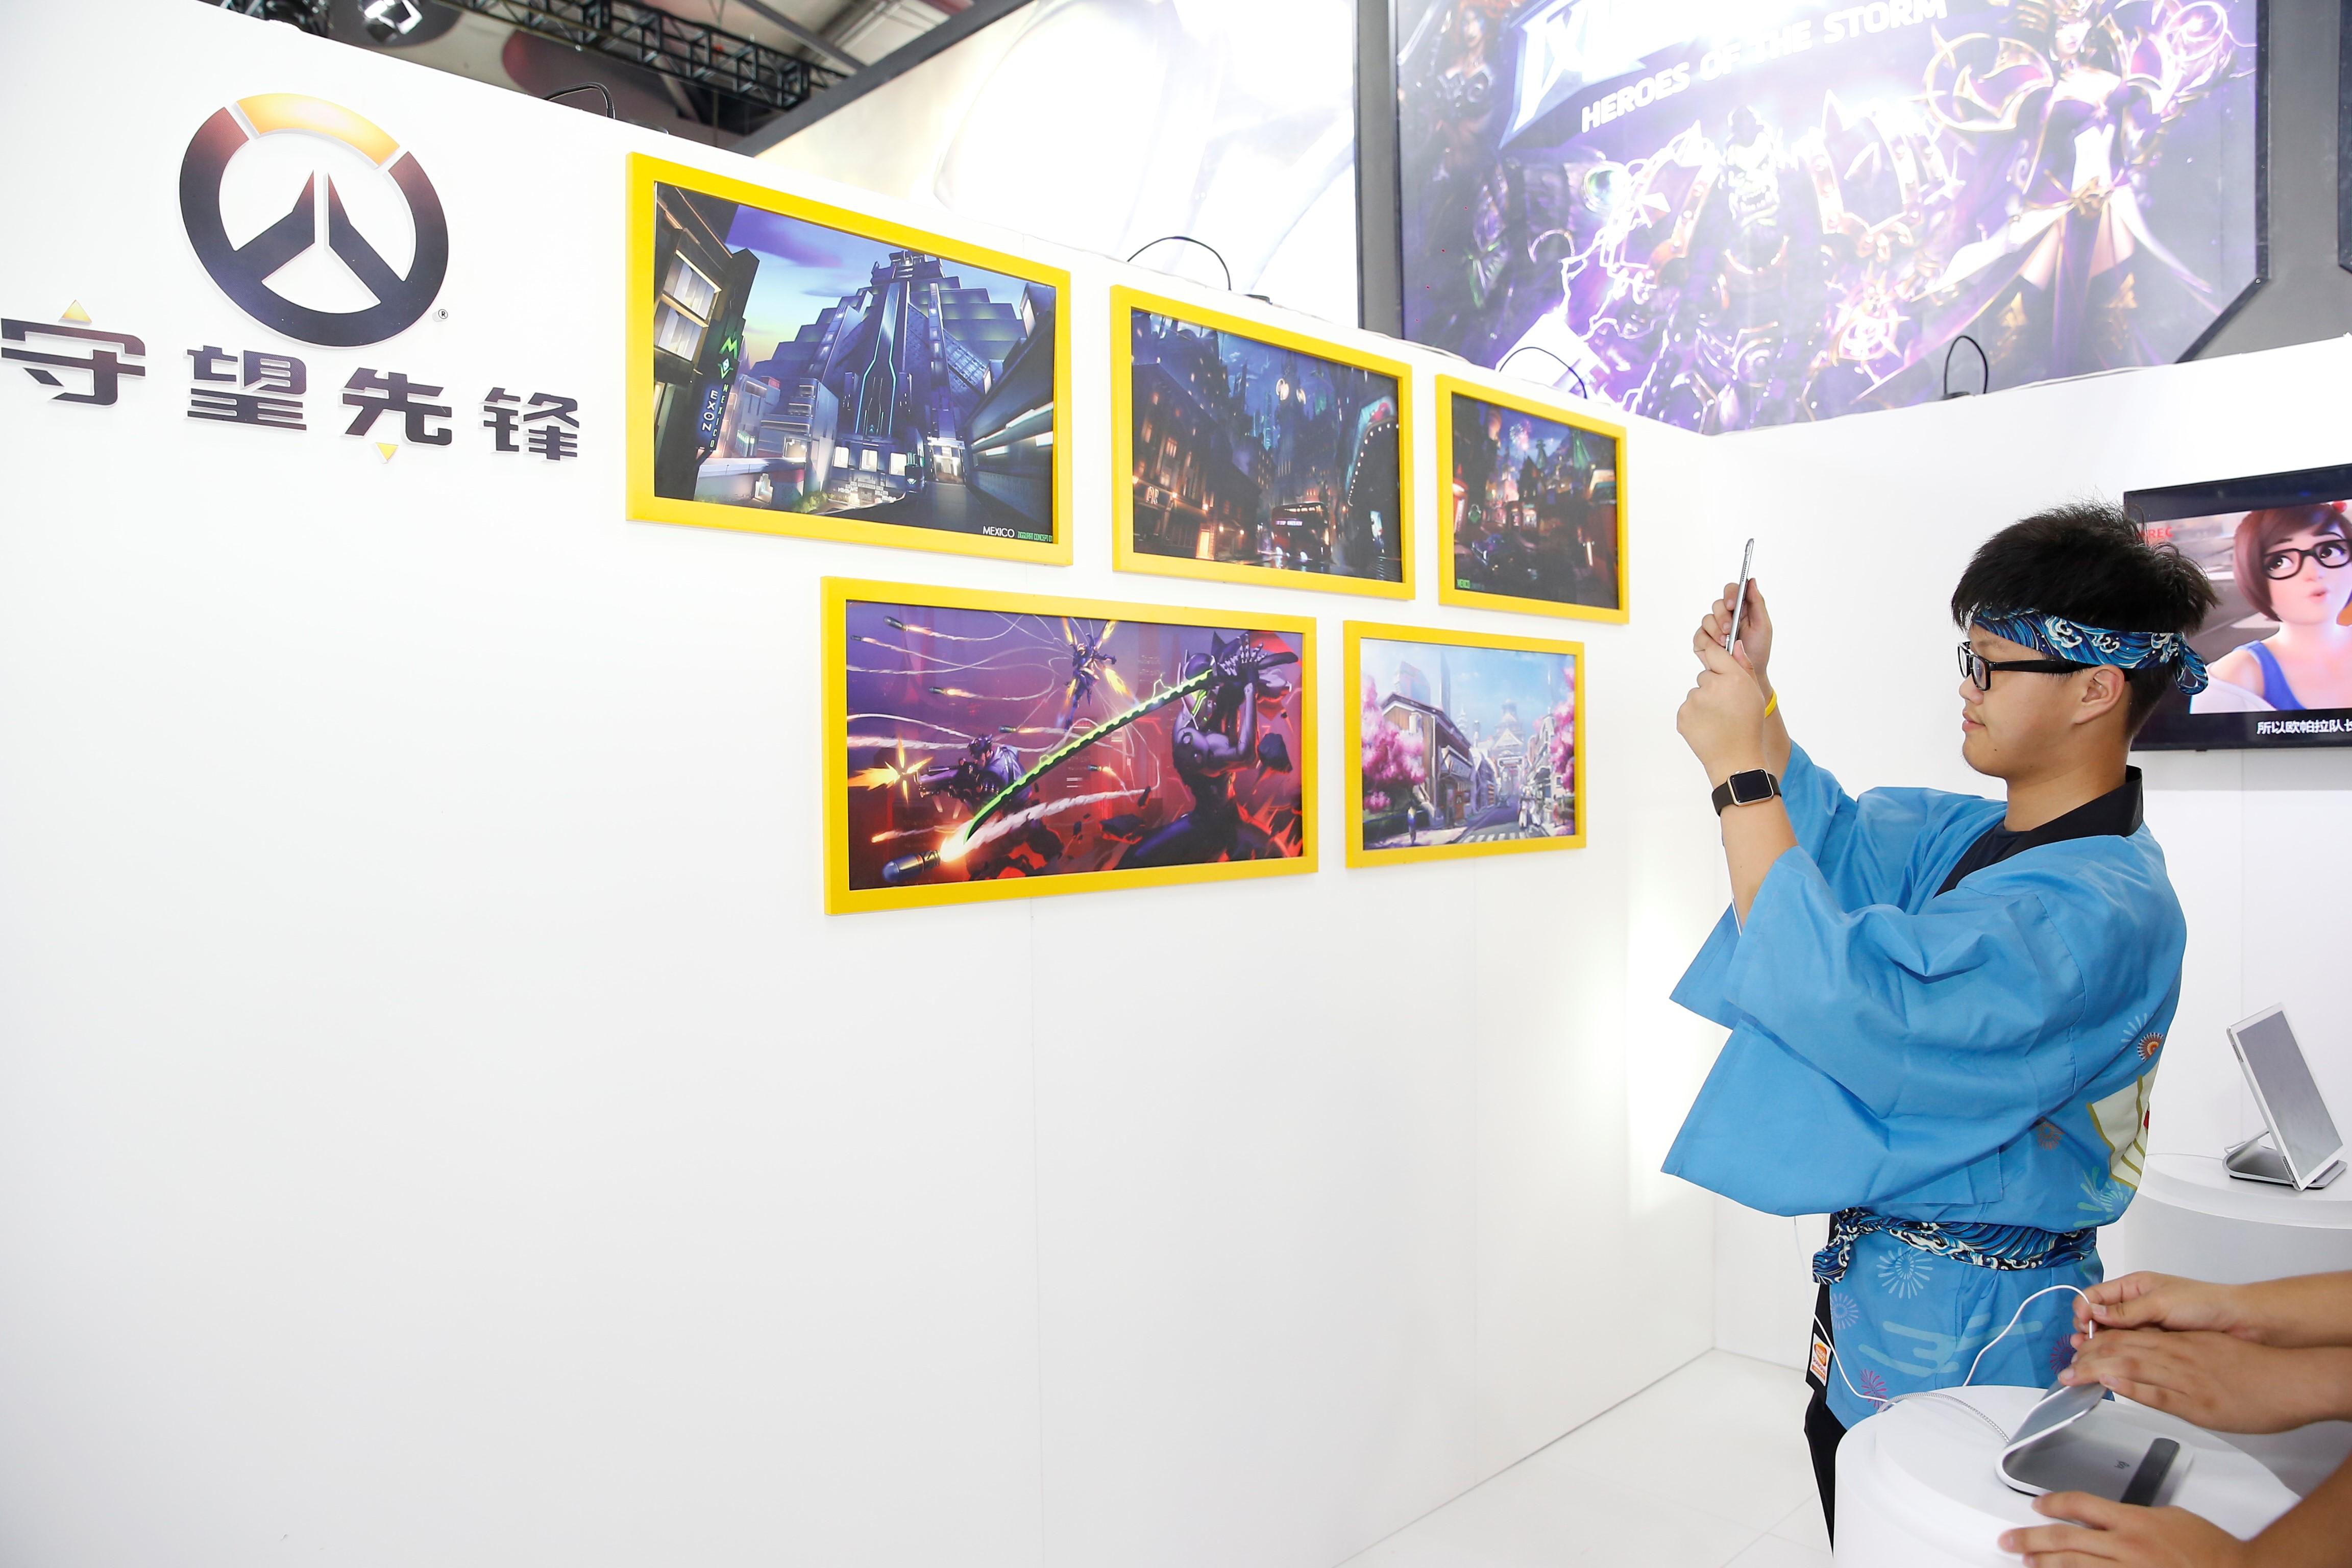 暴雪激情燃爆全场,2019ChinaJoyBTOC展区再续精美!